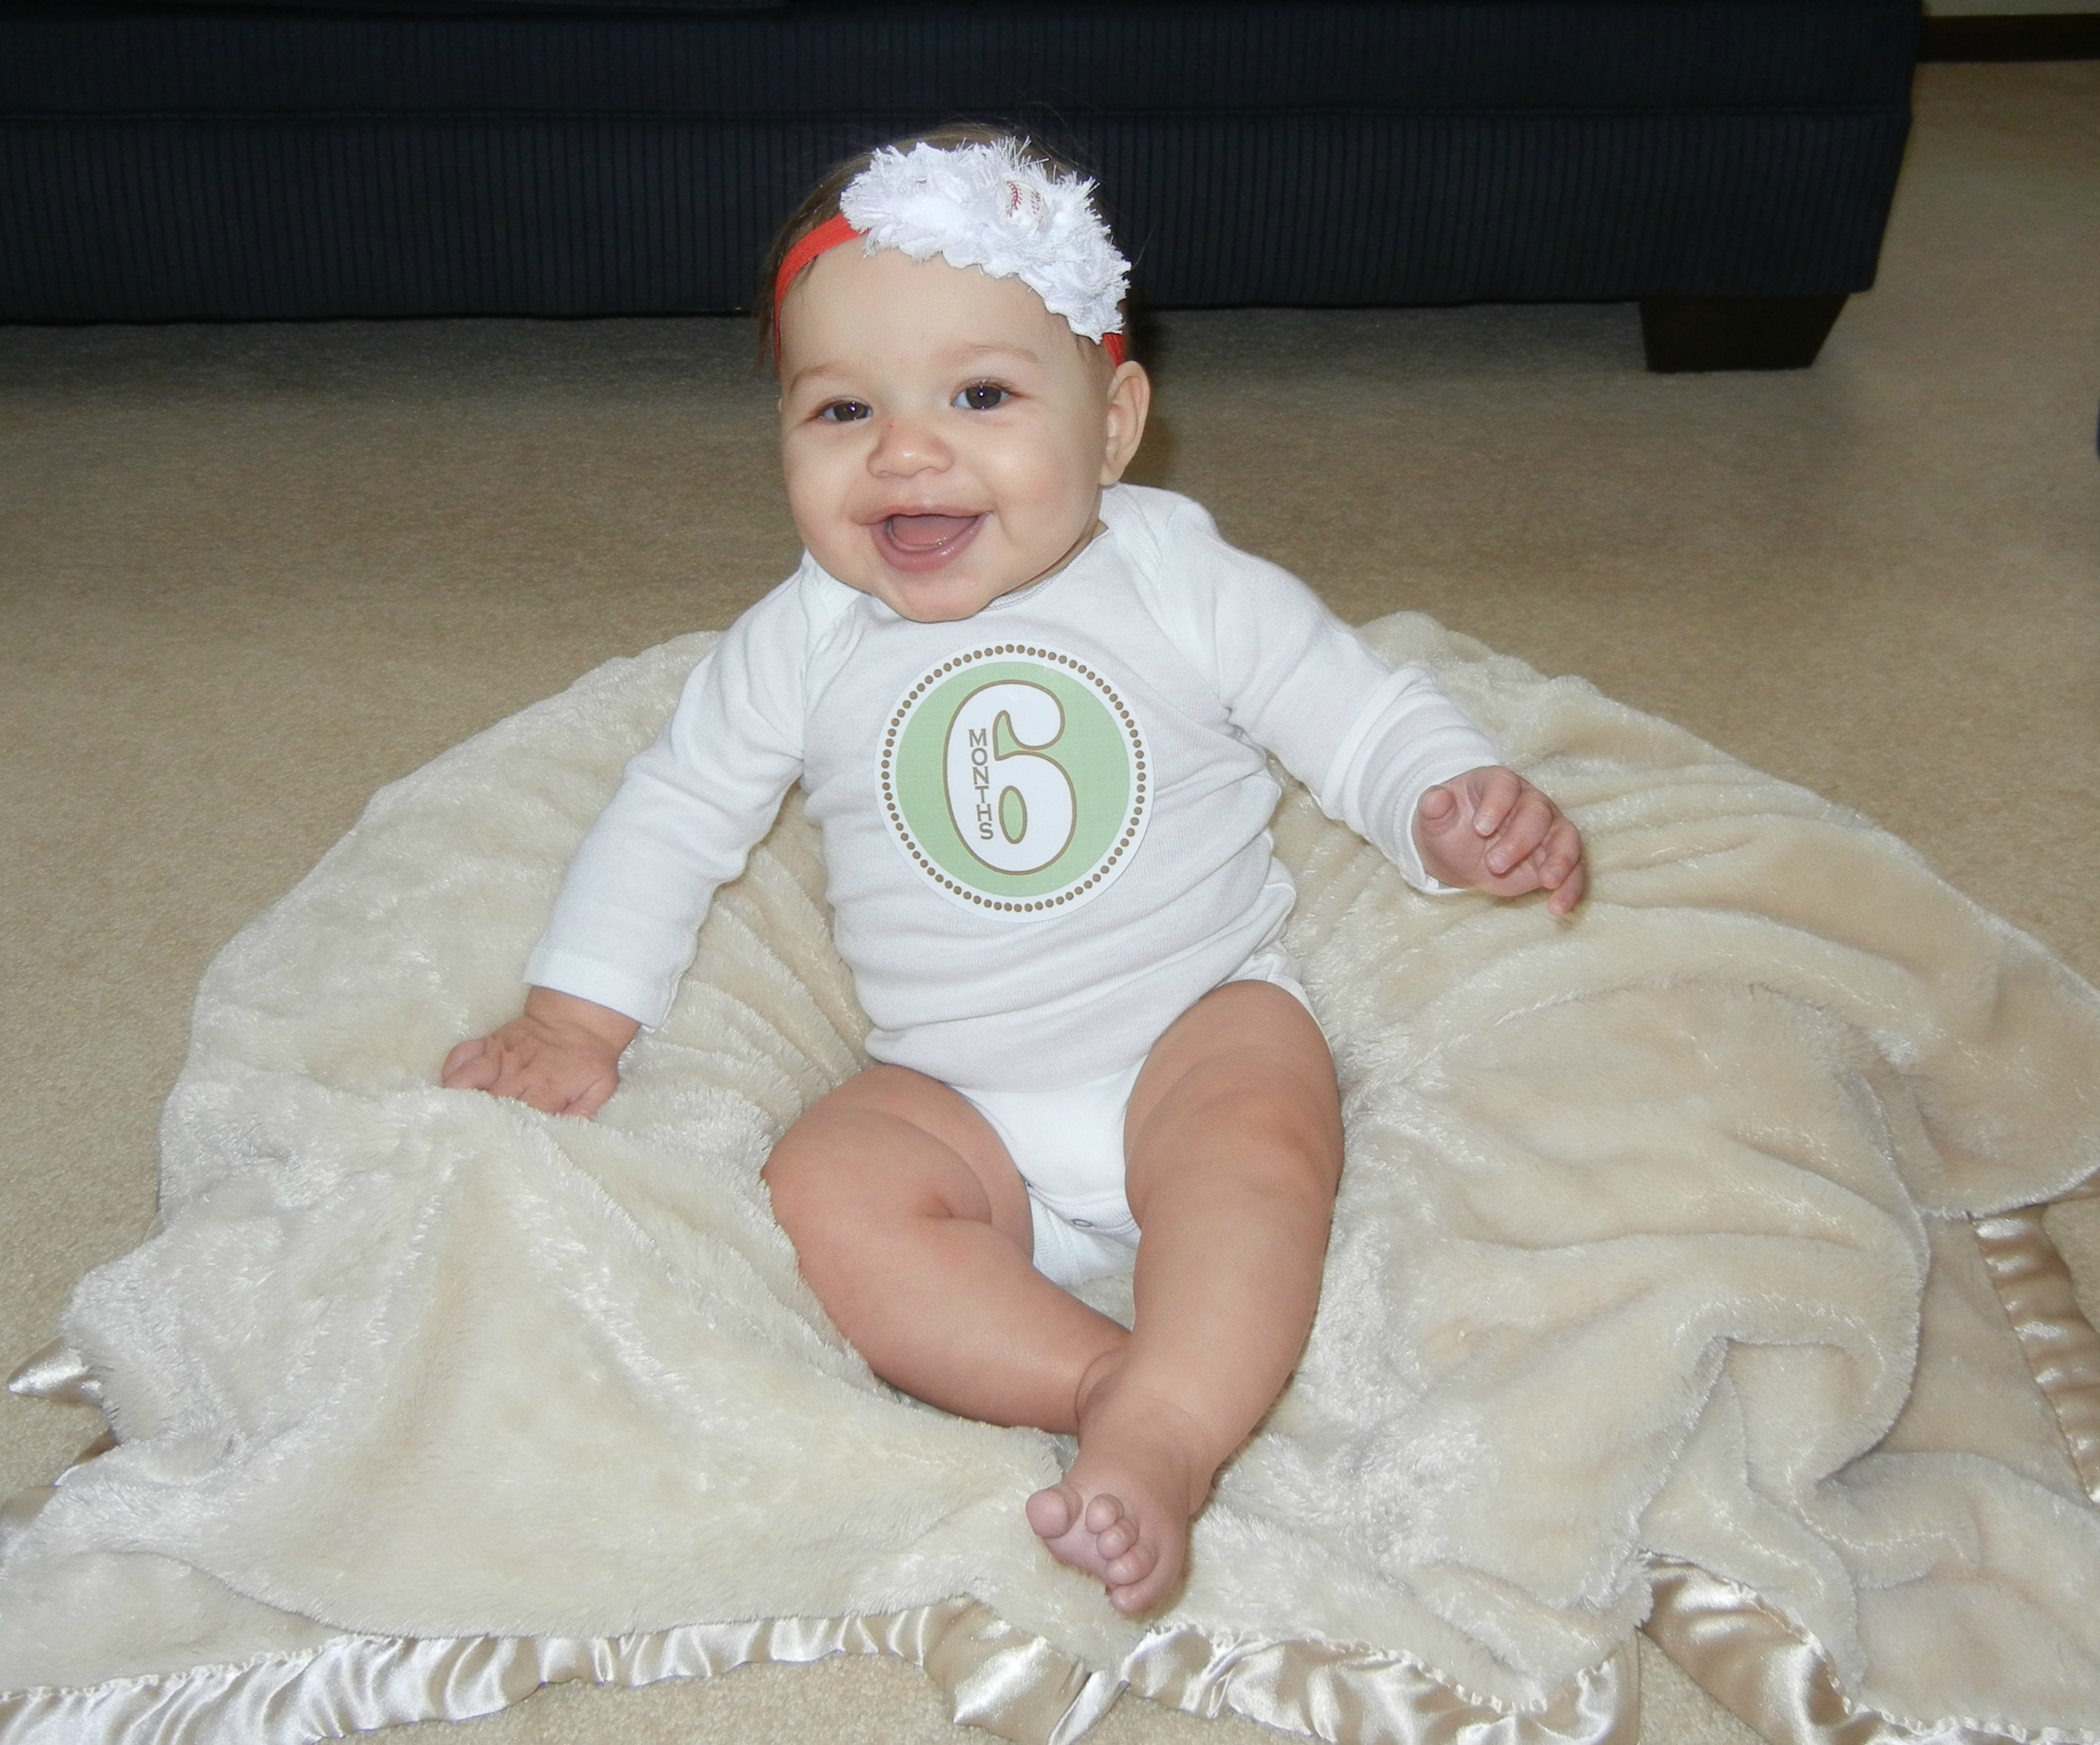 Conoce a tu beb de 6 meses en sus diferentes desarrollos - Bebe de 6 meses ...